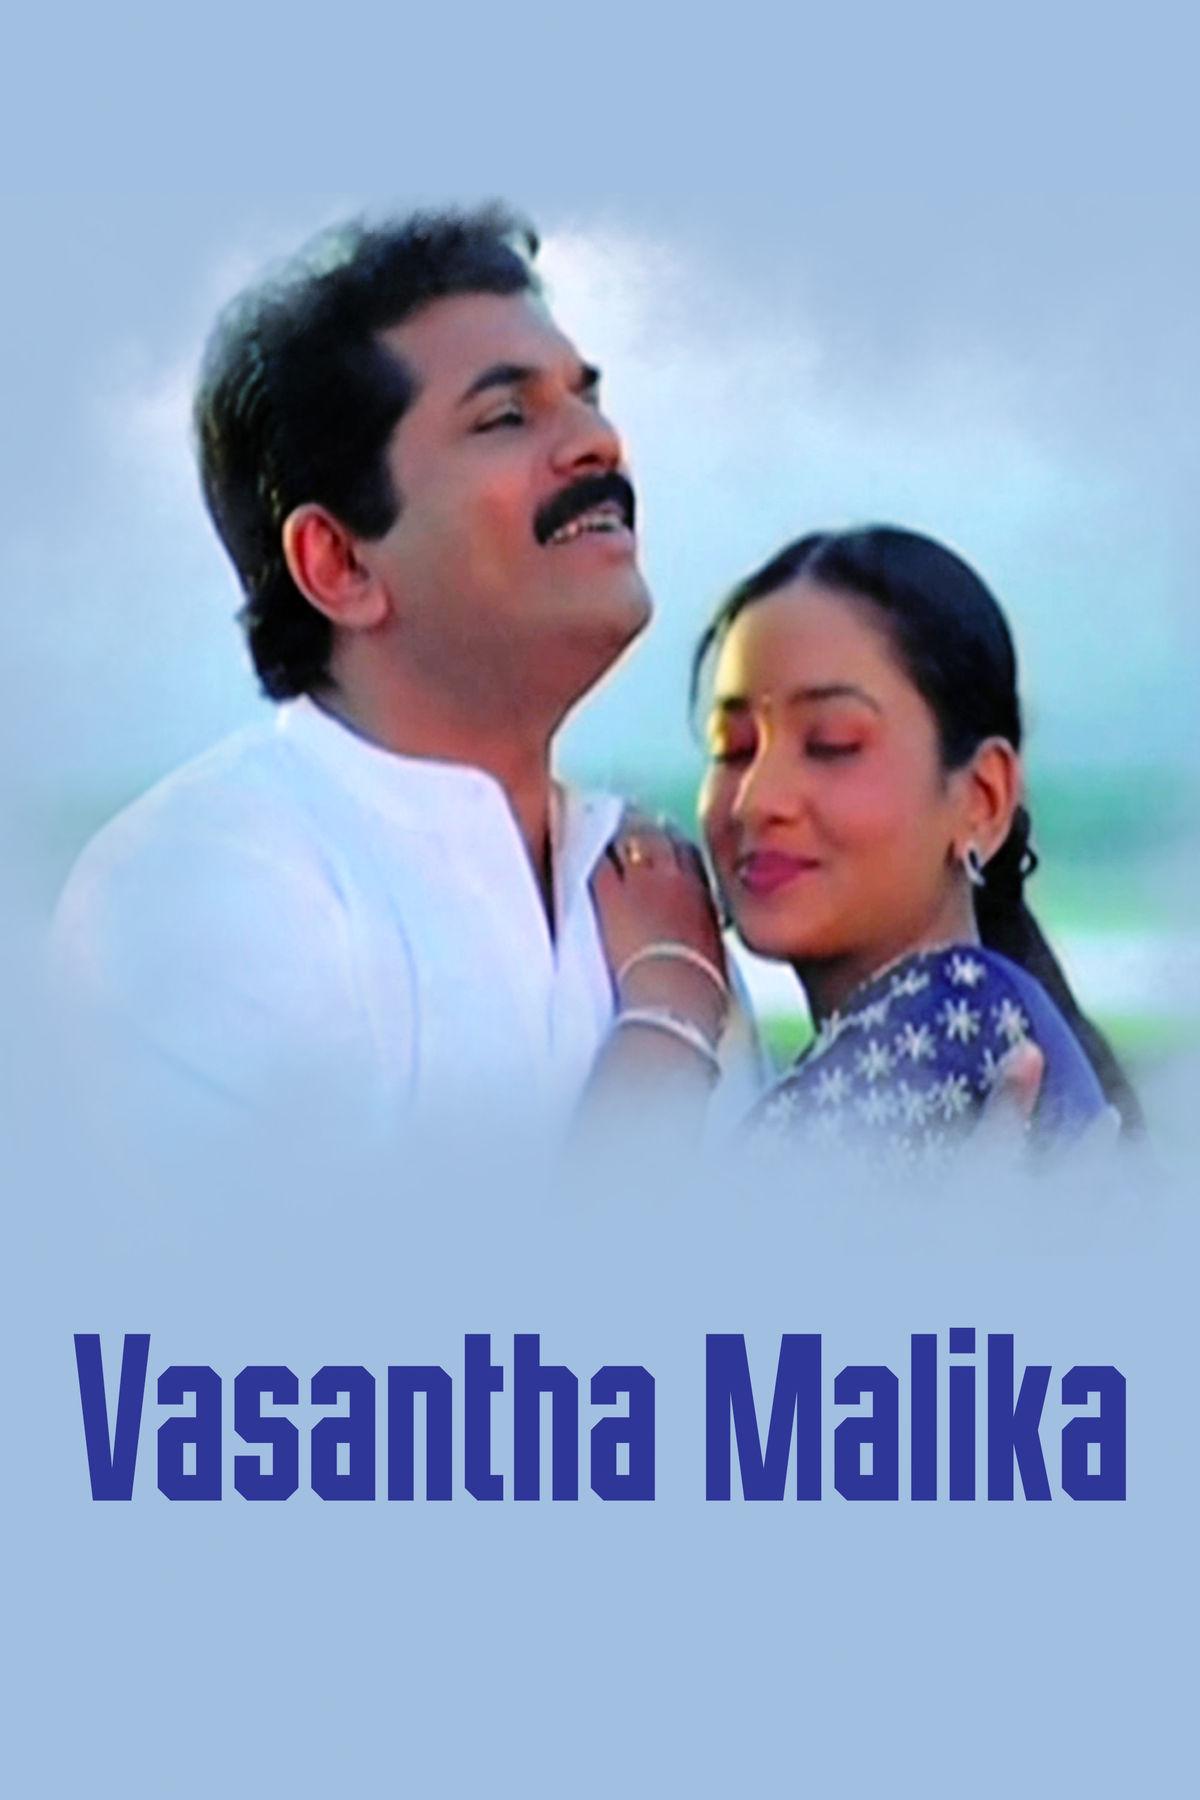 Vasantha Malika